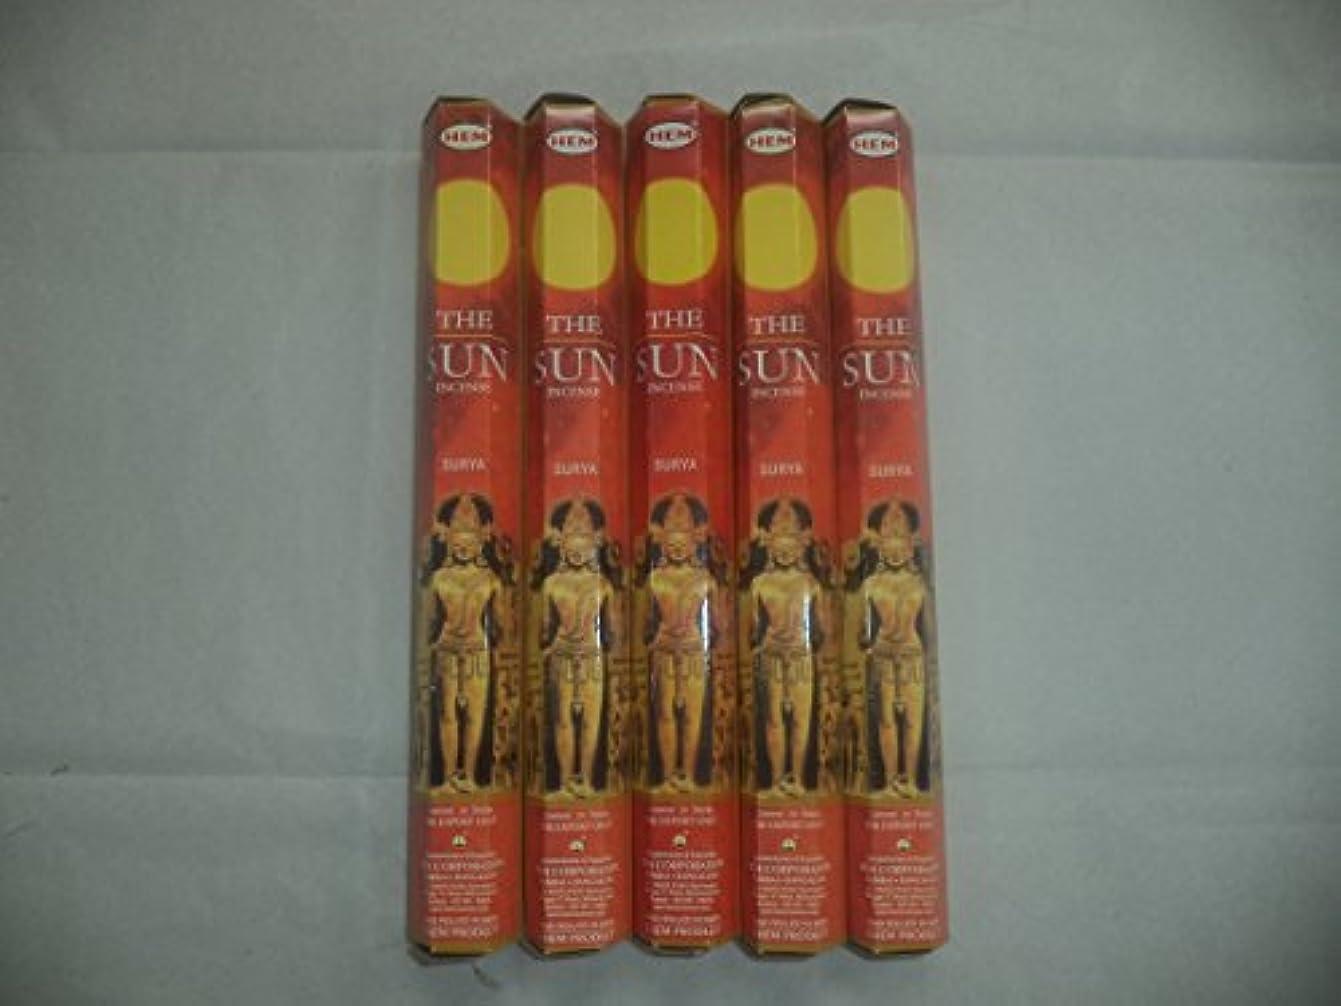 火炎嫌がらせ位置づける裾The Sun 100 Incense Sticks (5 x 20スティックパック)